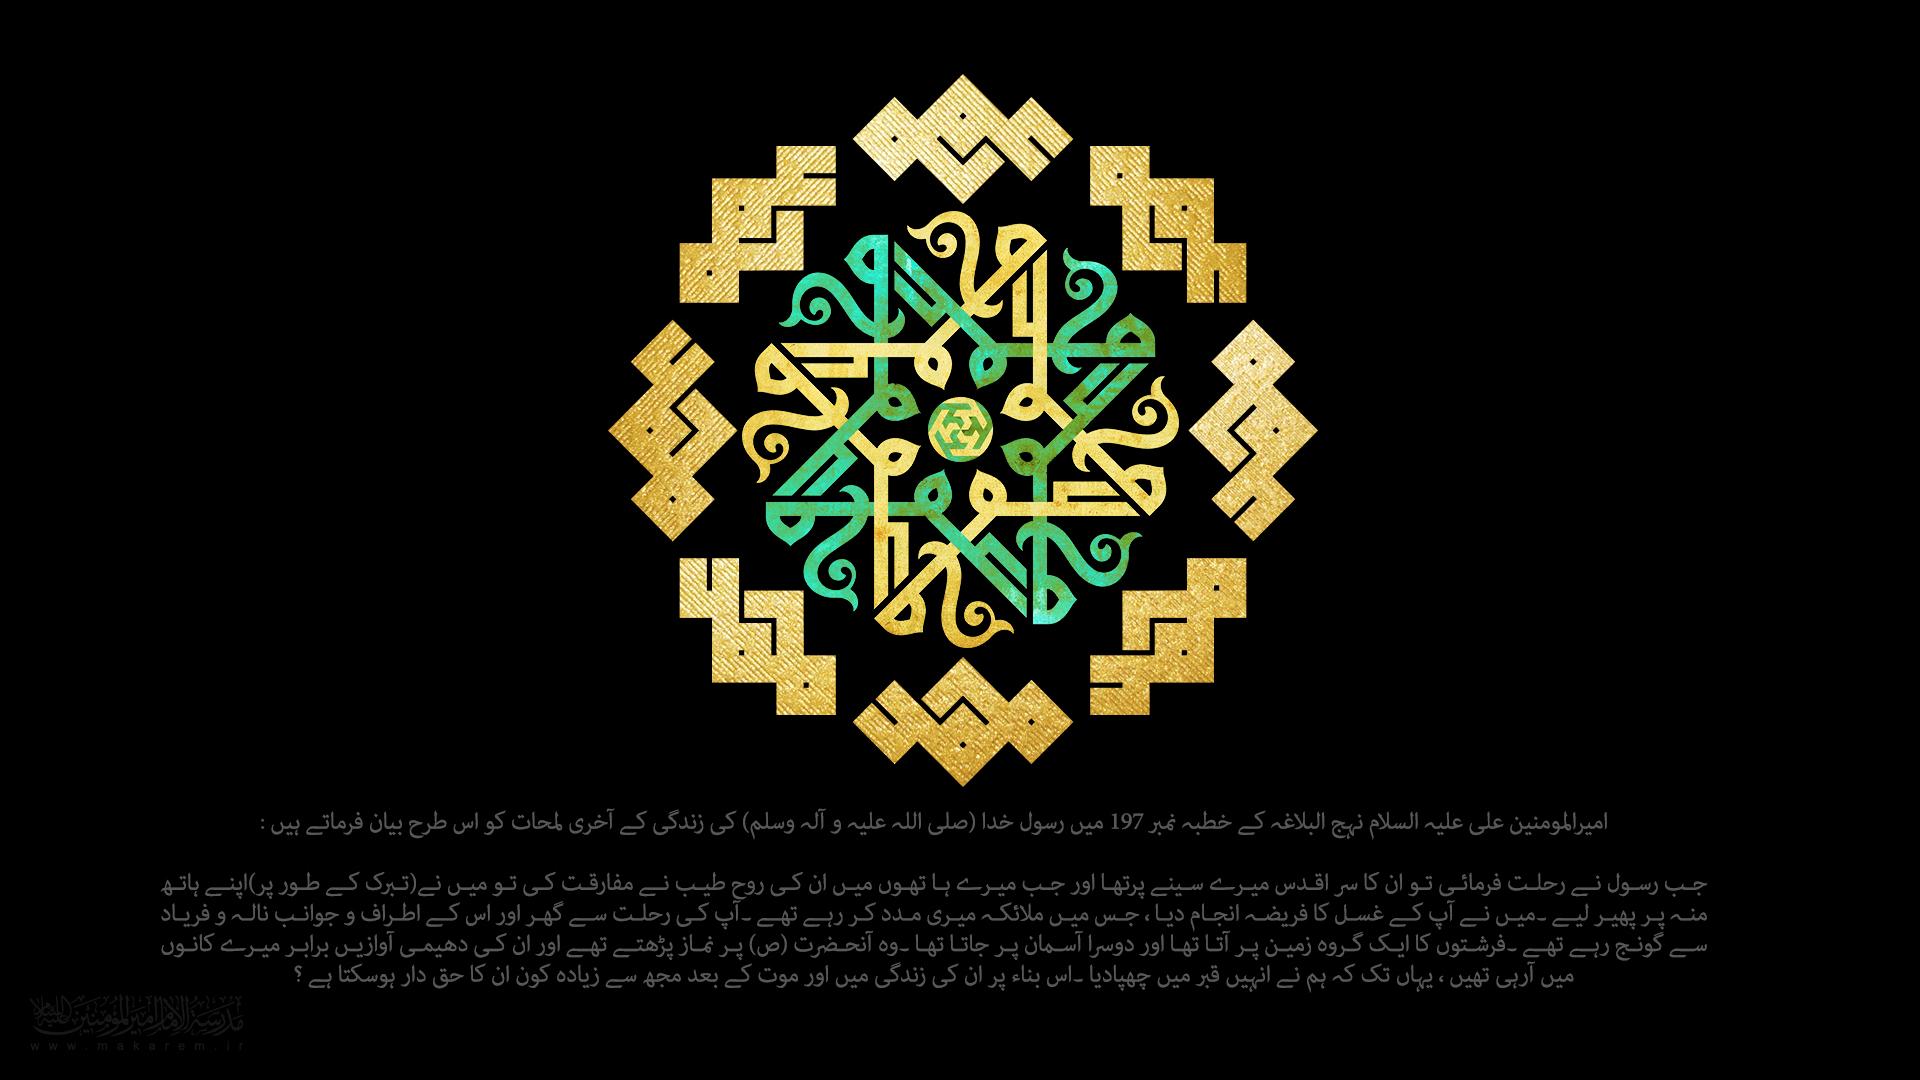 رحلت رسول خدا (ص)-مدرسه الامام امیر المومنین (ع)